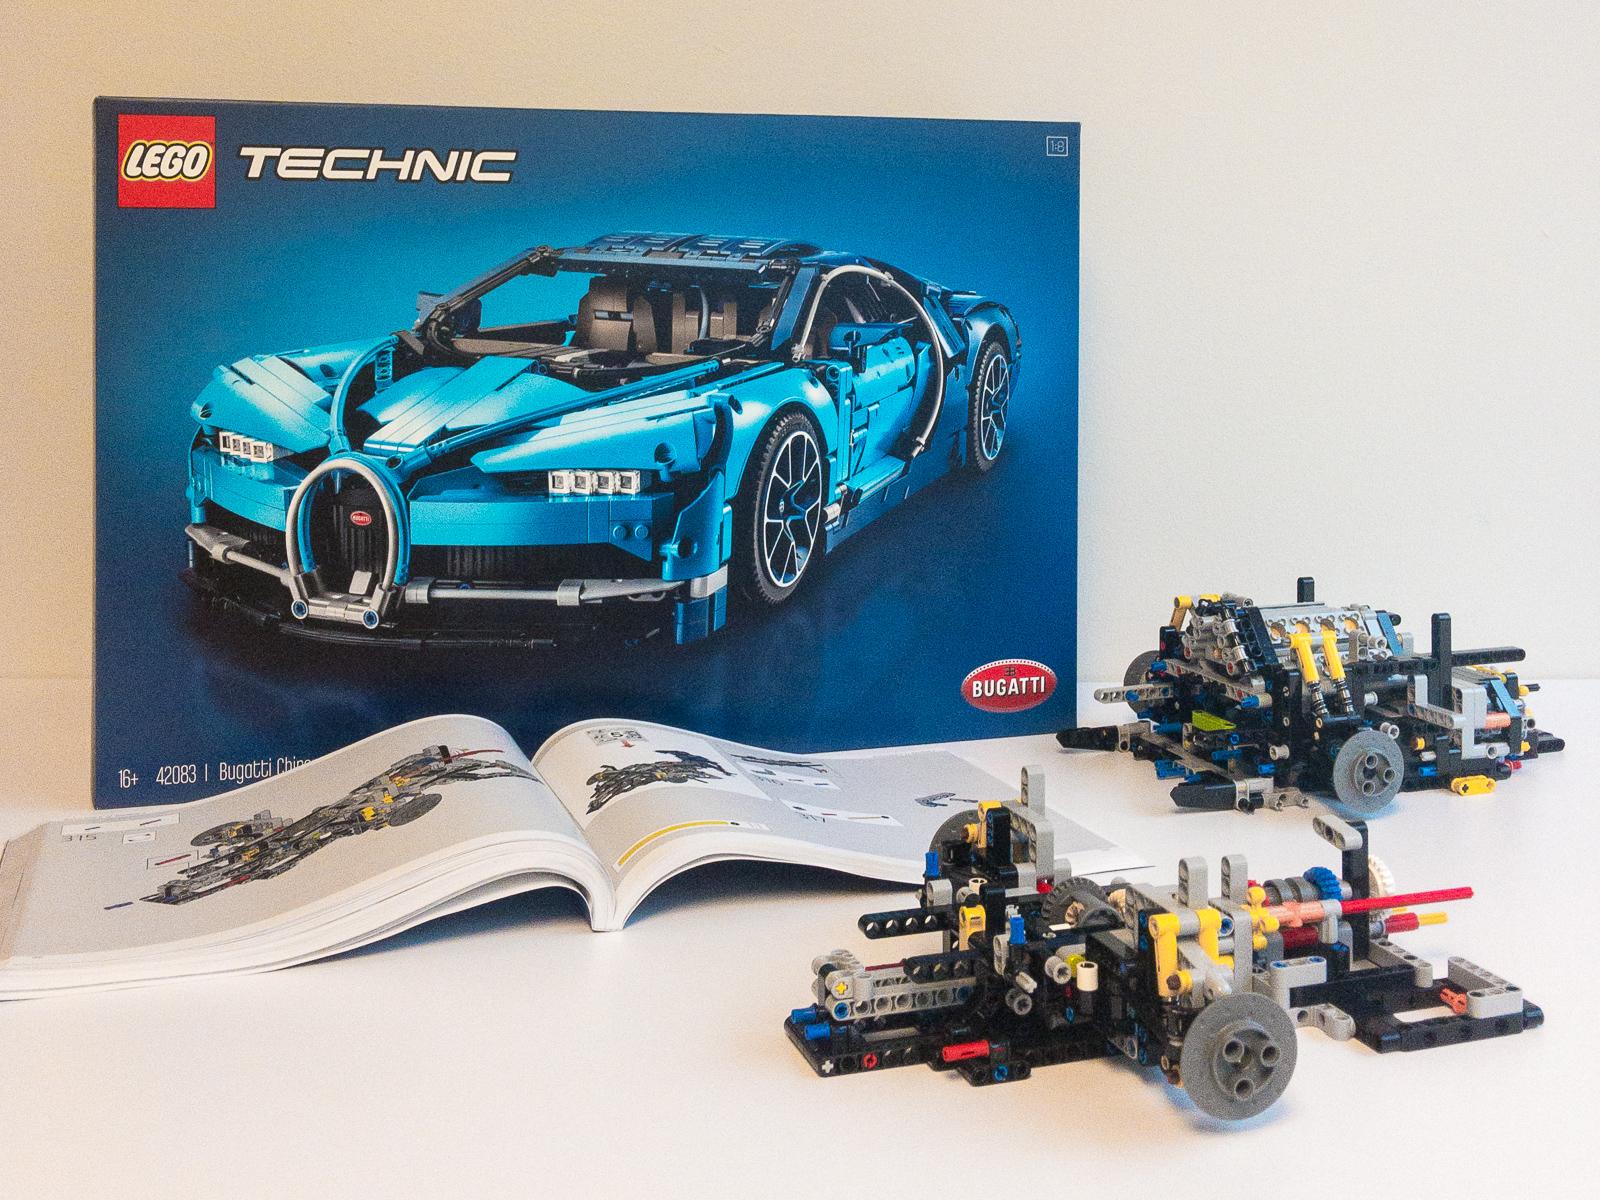 ʀᴇᴠɪᴇᴡ 42083 Bugatti Chiron Brick Architect